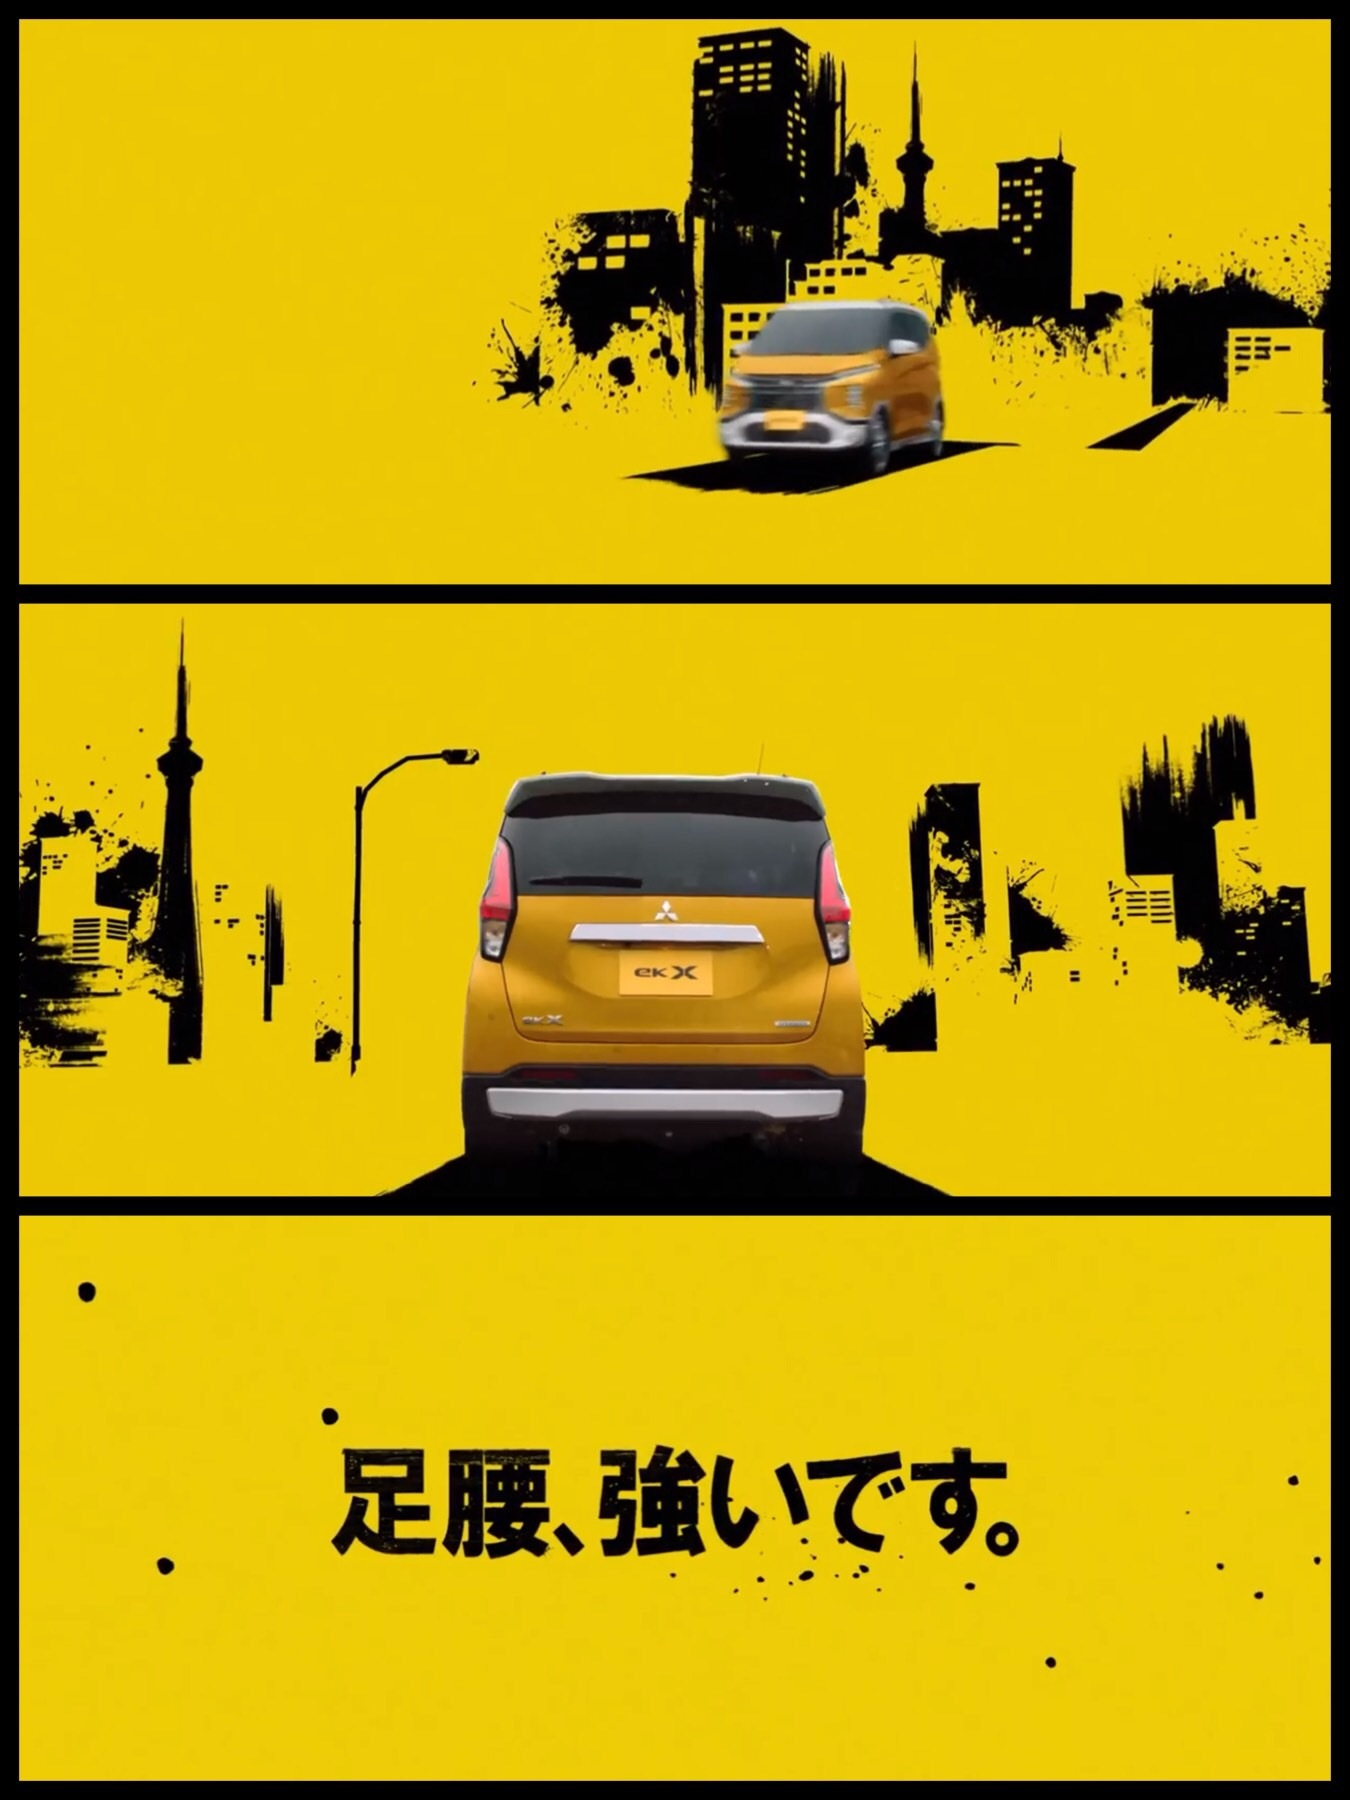 三菱 eK X ekクロス 軽SUV